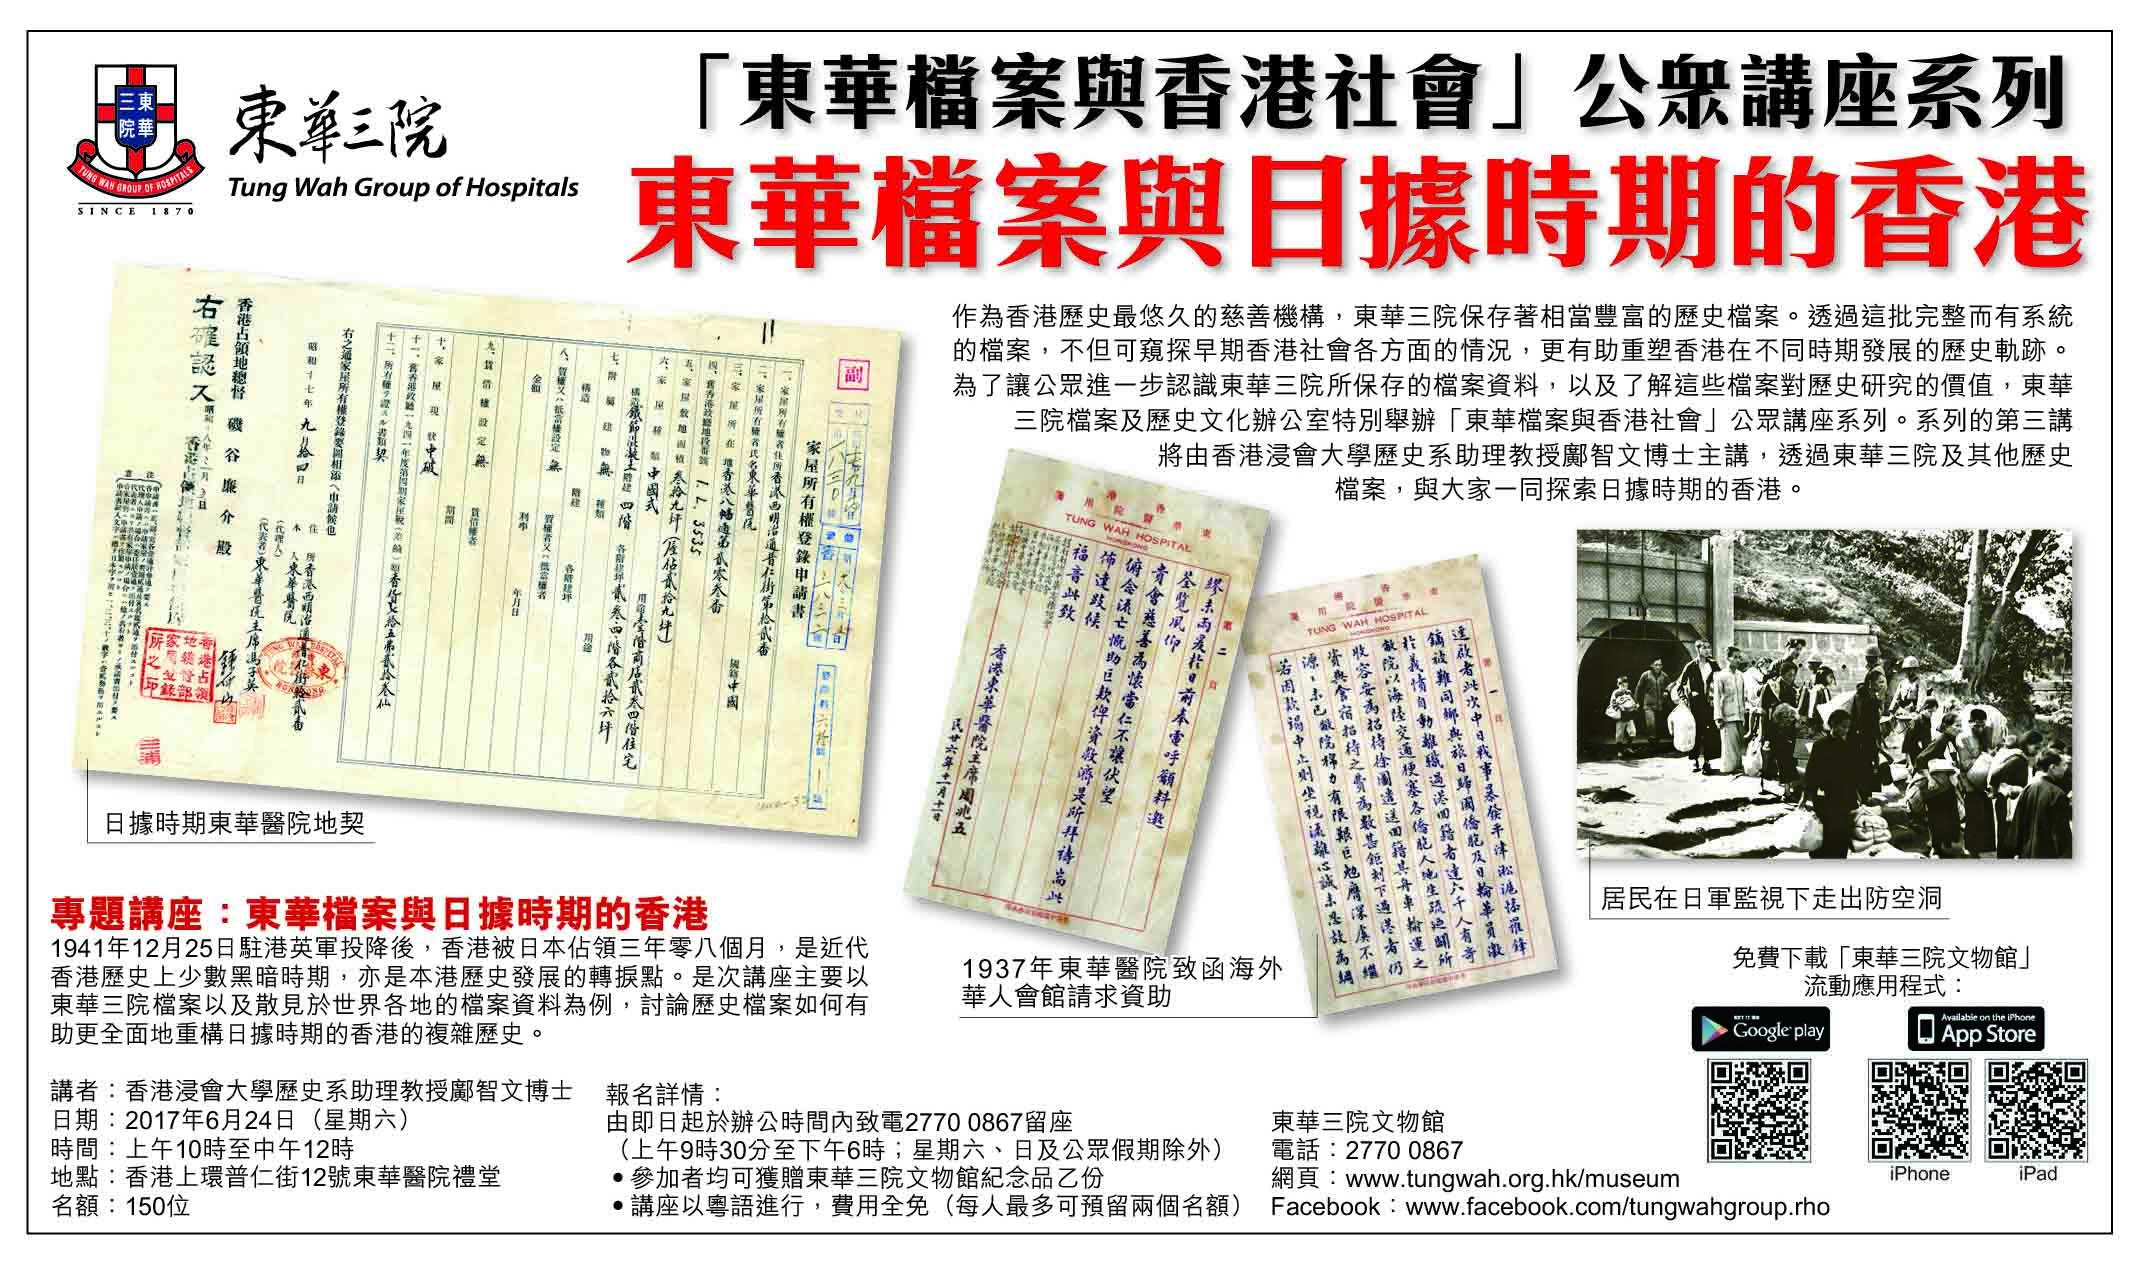 「东华档案与日据时期的香港」公众讲座广告 - AM730